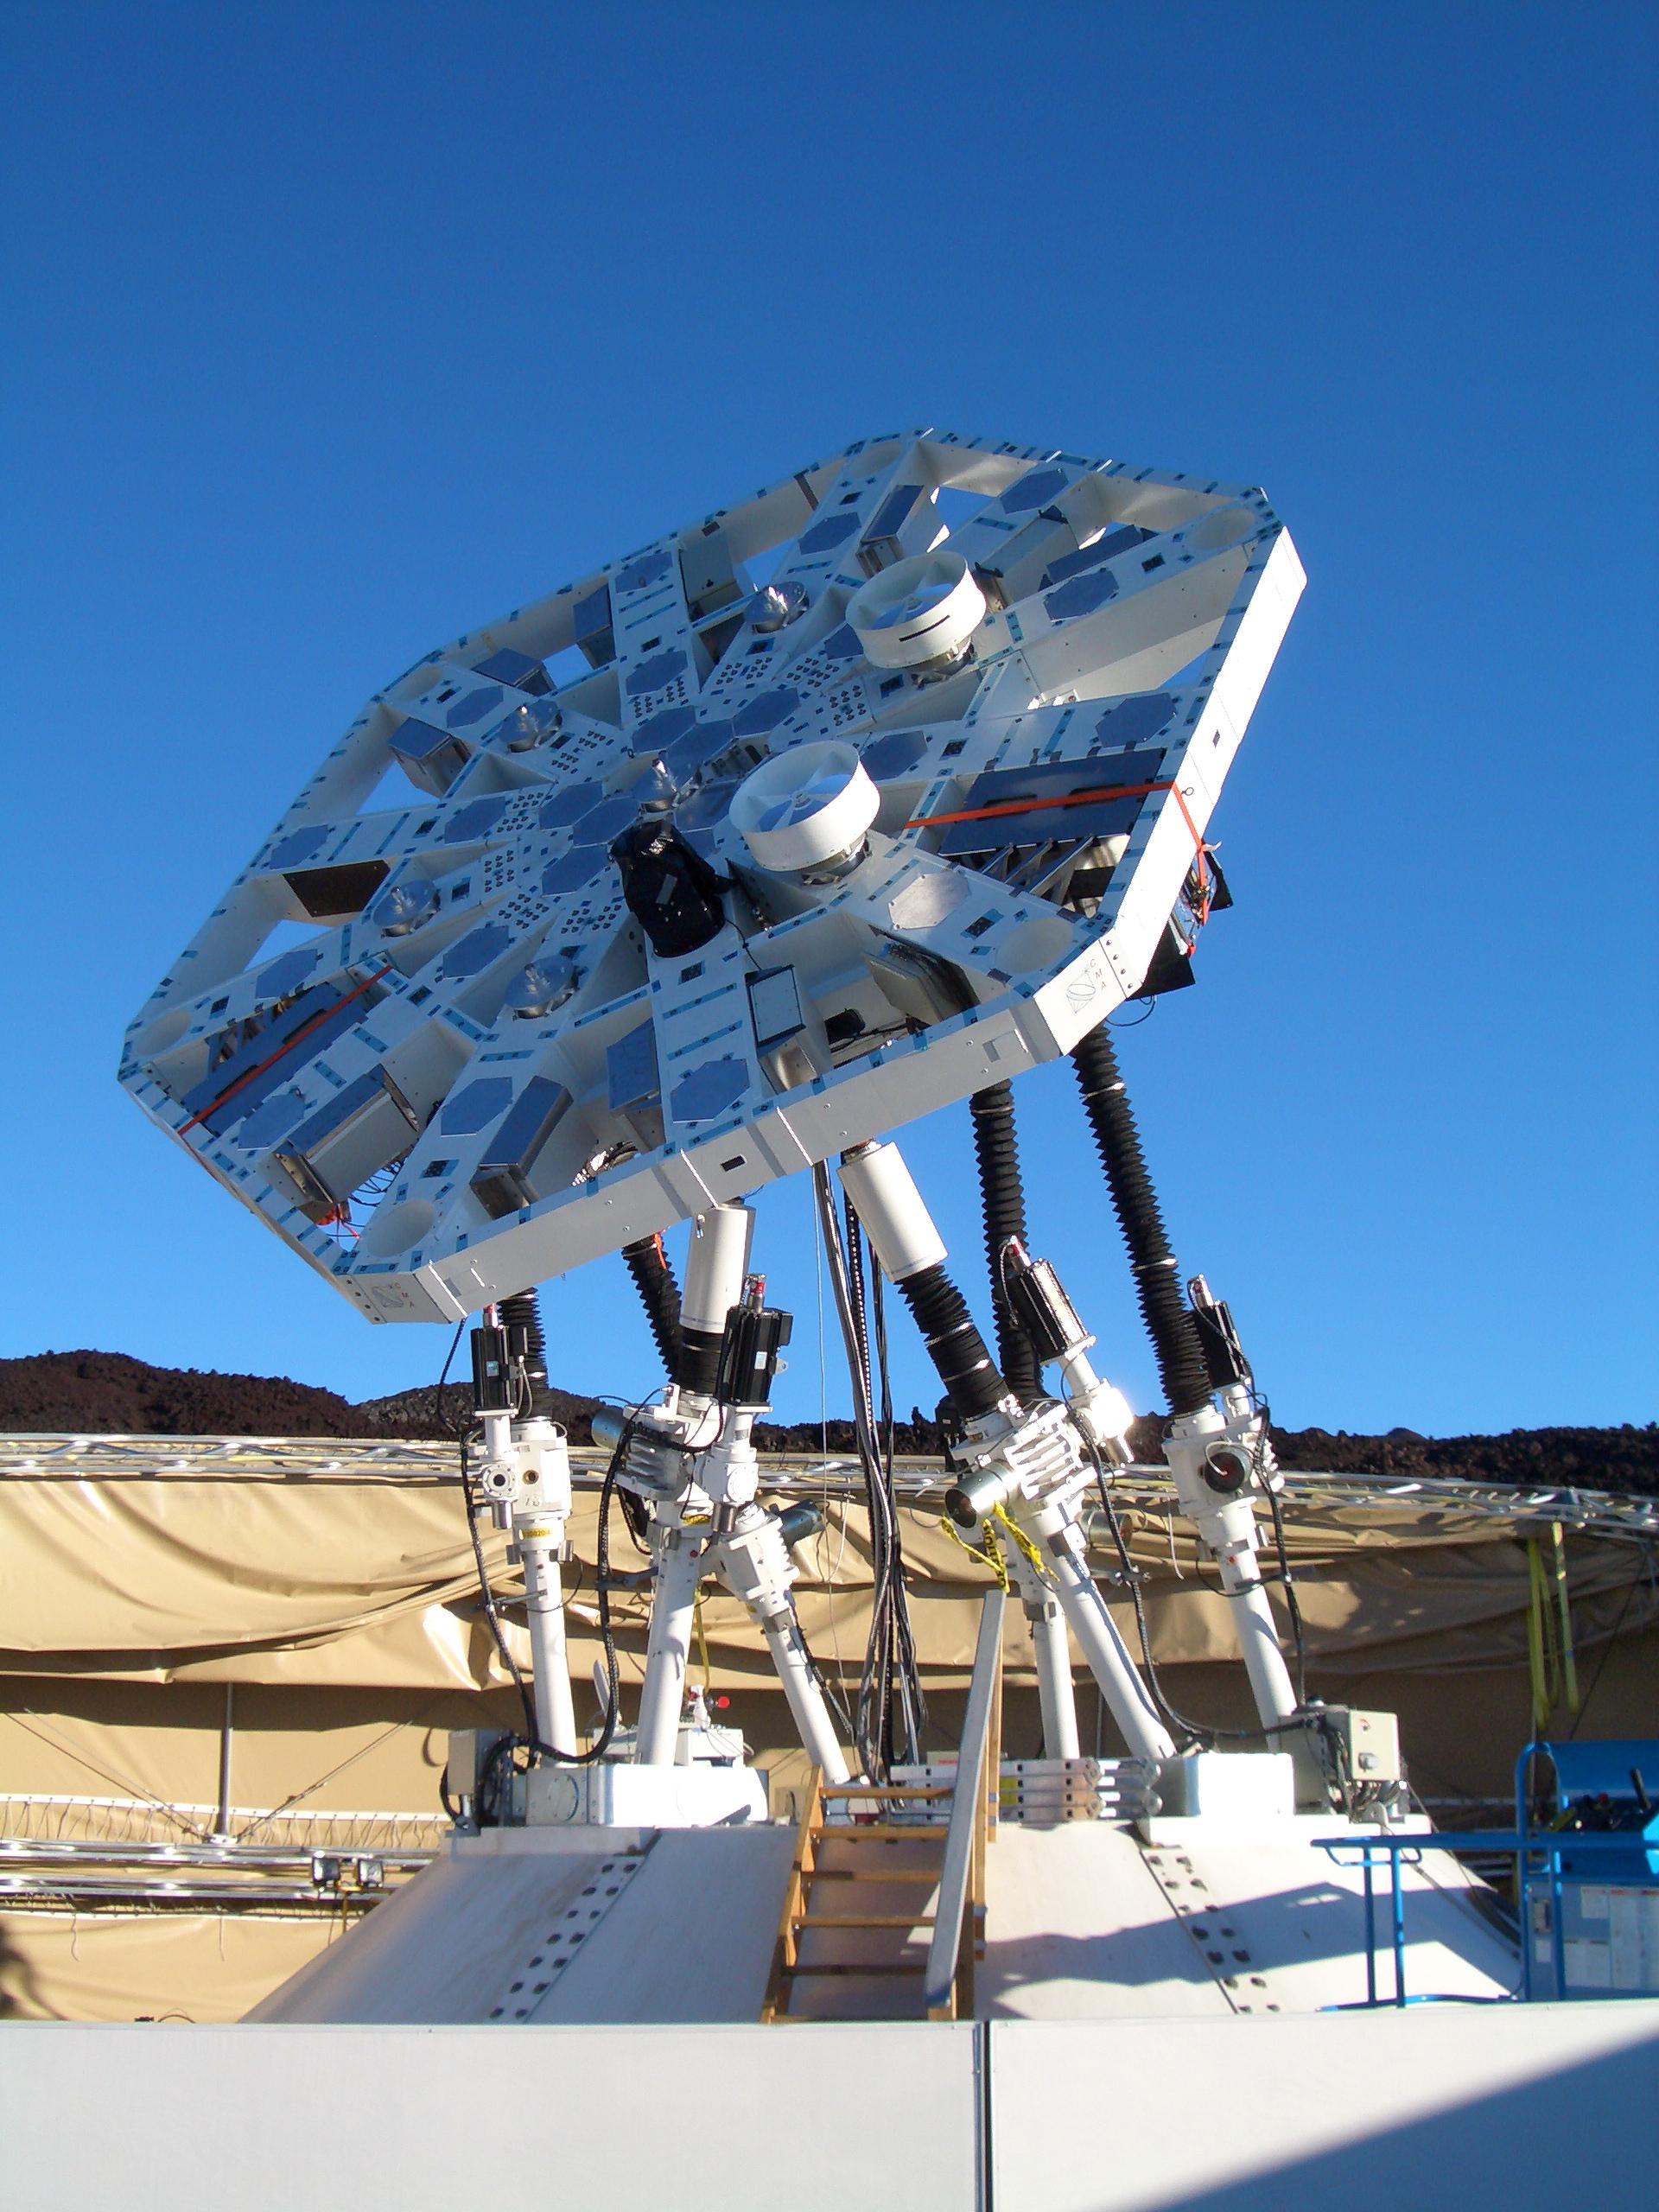 3DOF Stewart Platform